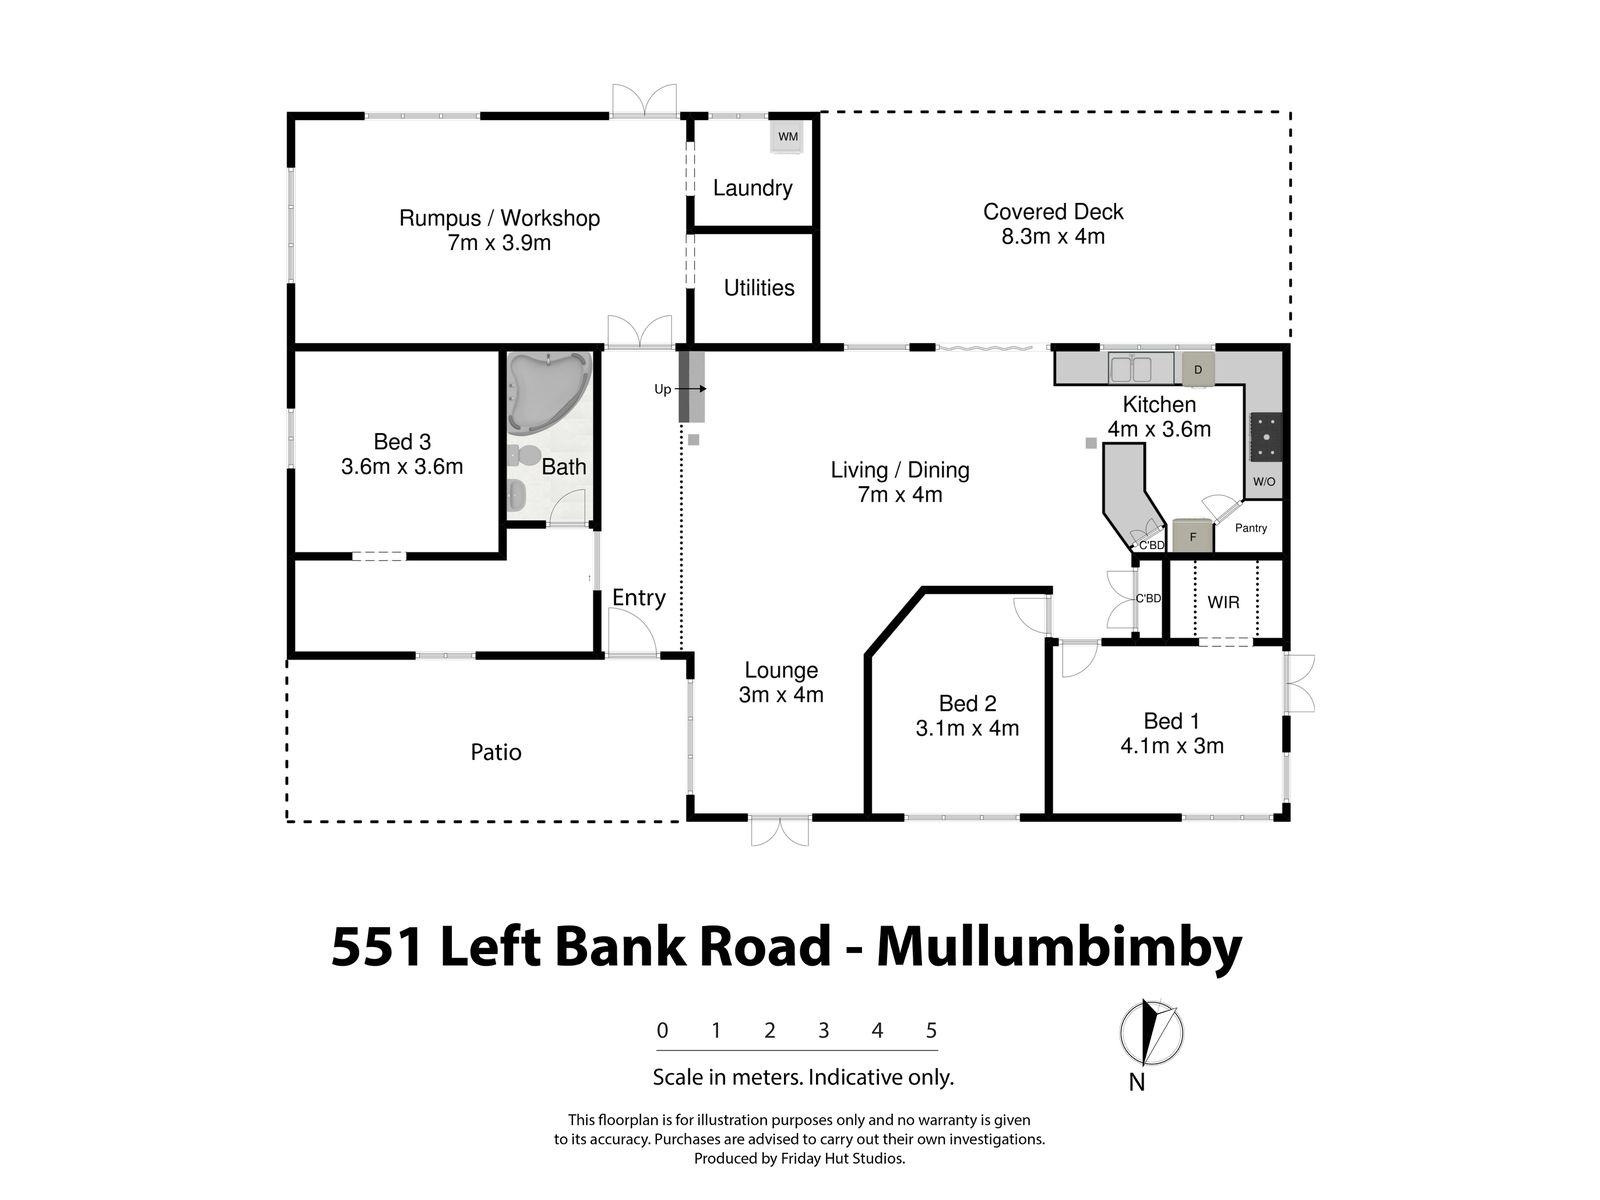 551 Left Bank Rd, Mullumbimby